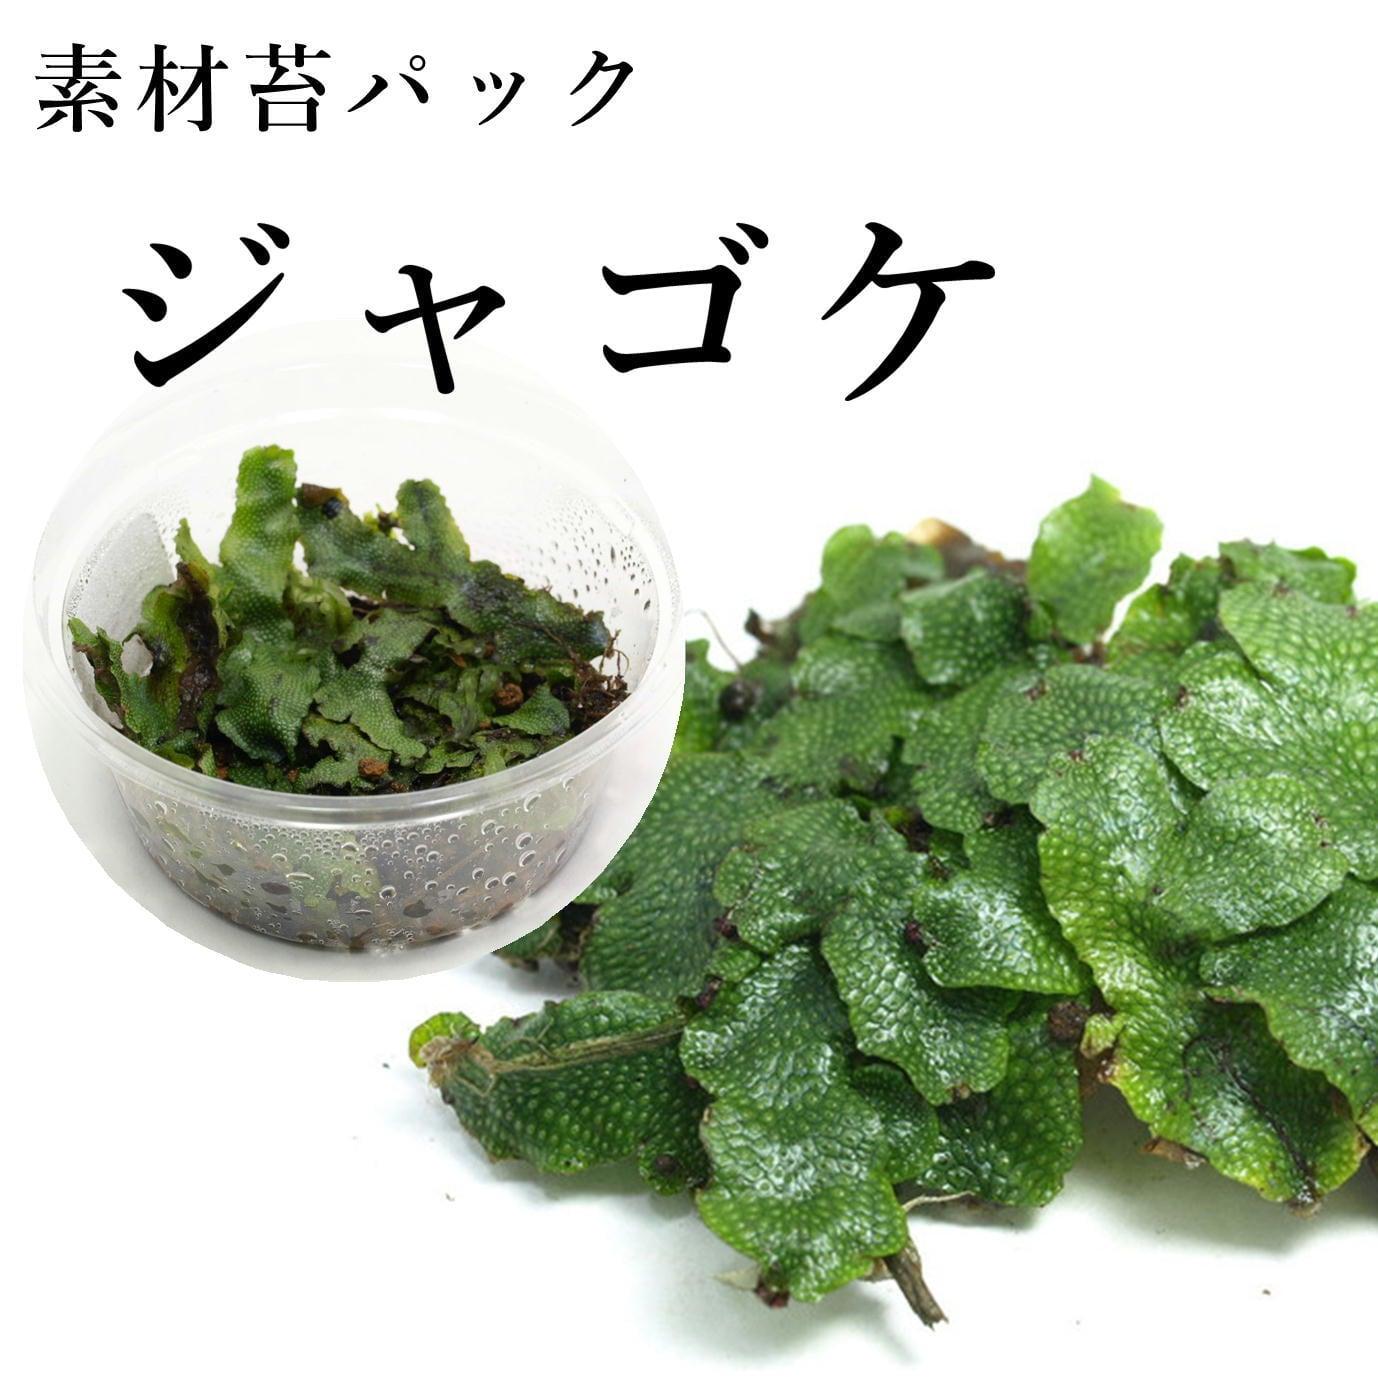 ジャゴケ 苔テラリウム作製用素材苔